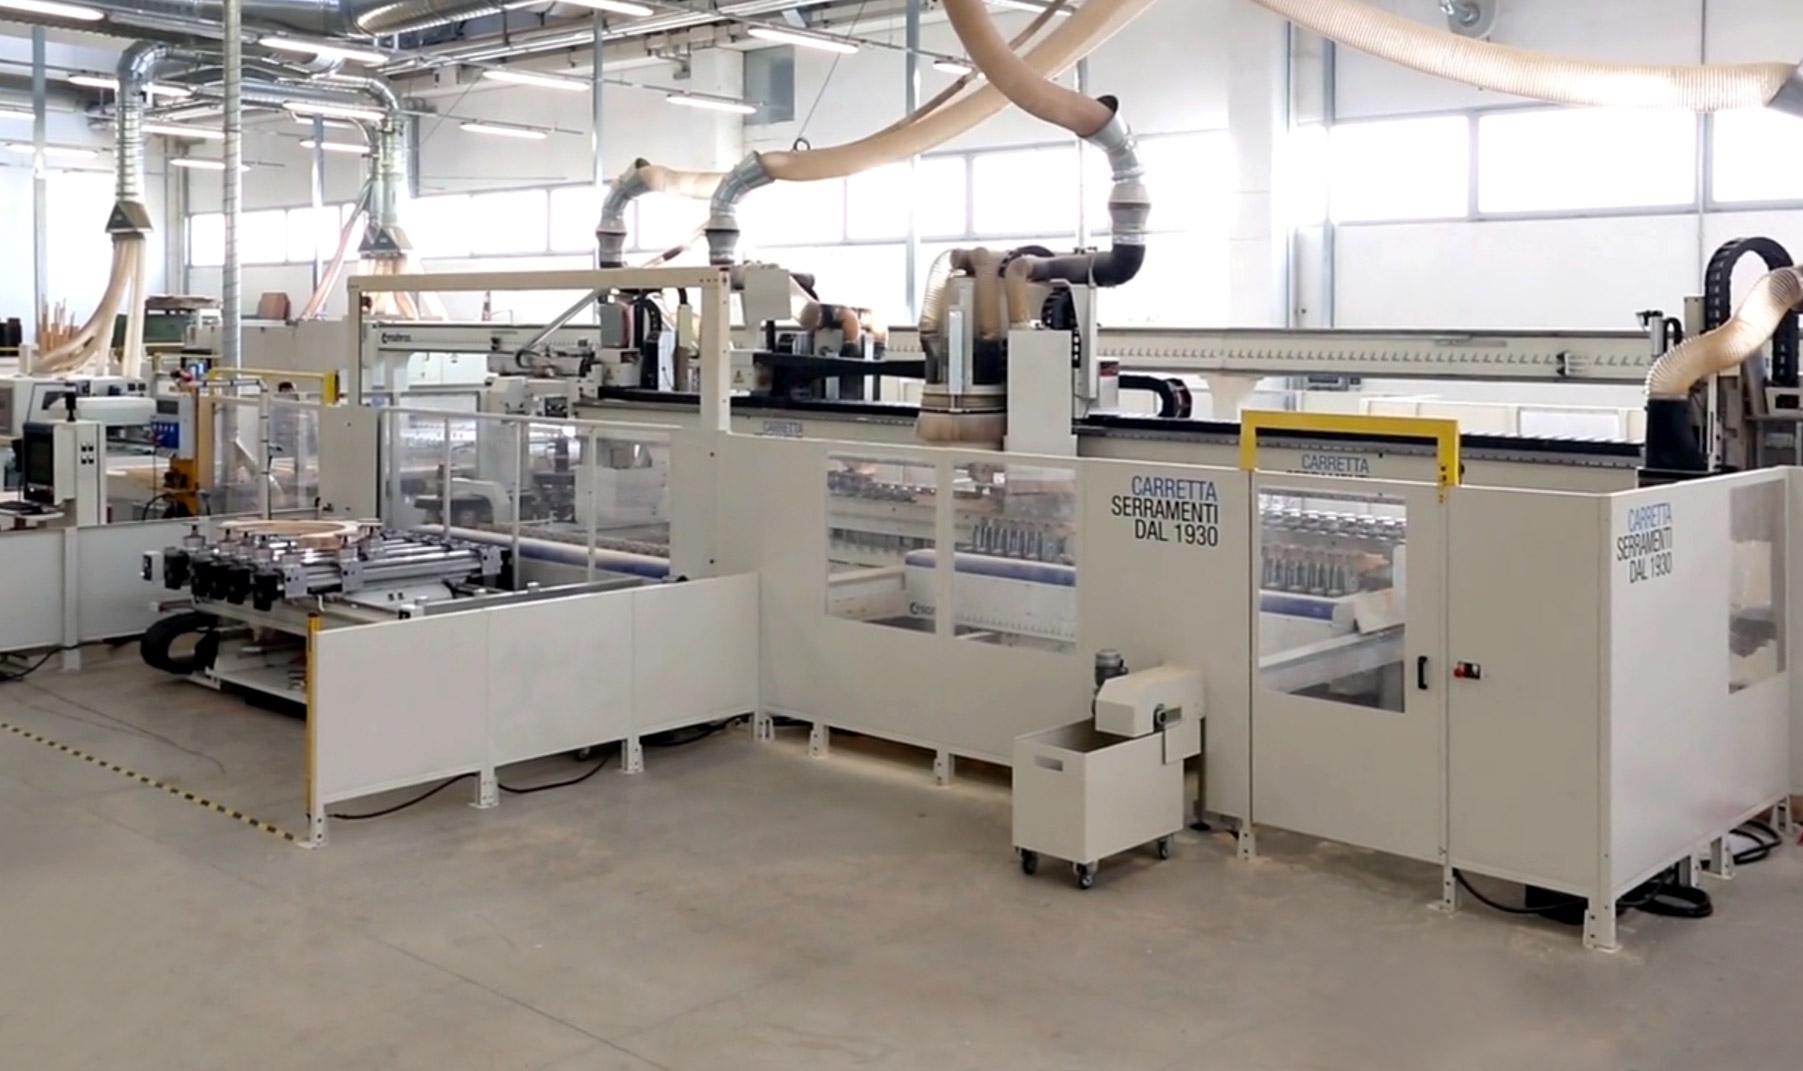 Carretta Serramenti produzione finestre in legno e legno-alluminio per abitazioni e contract a zanè vicenza veneto italia